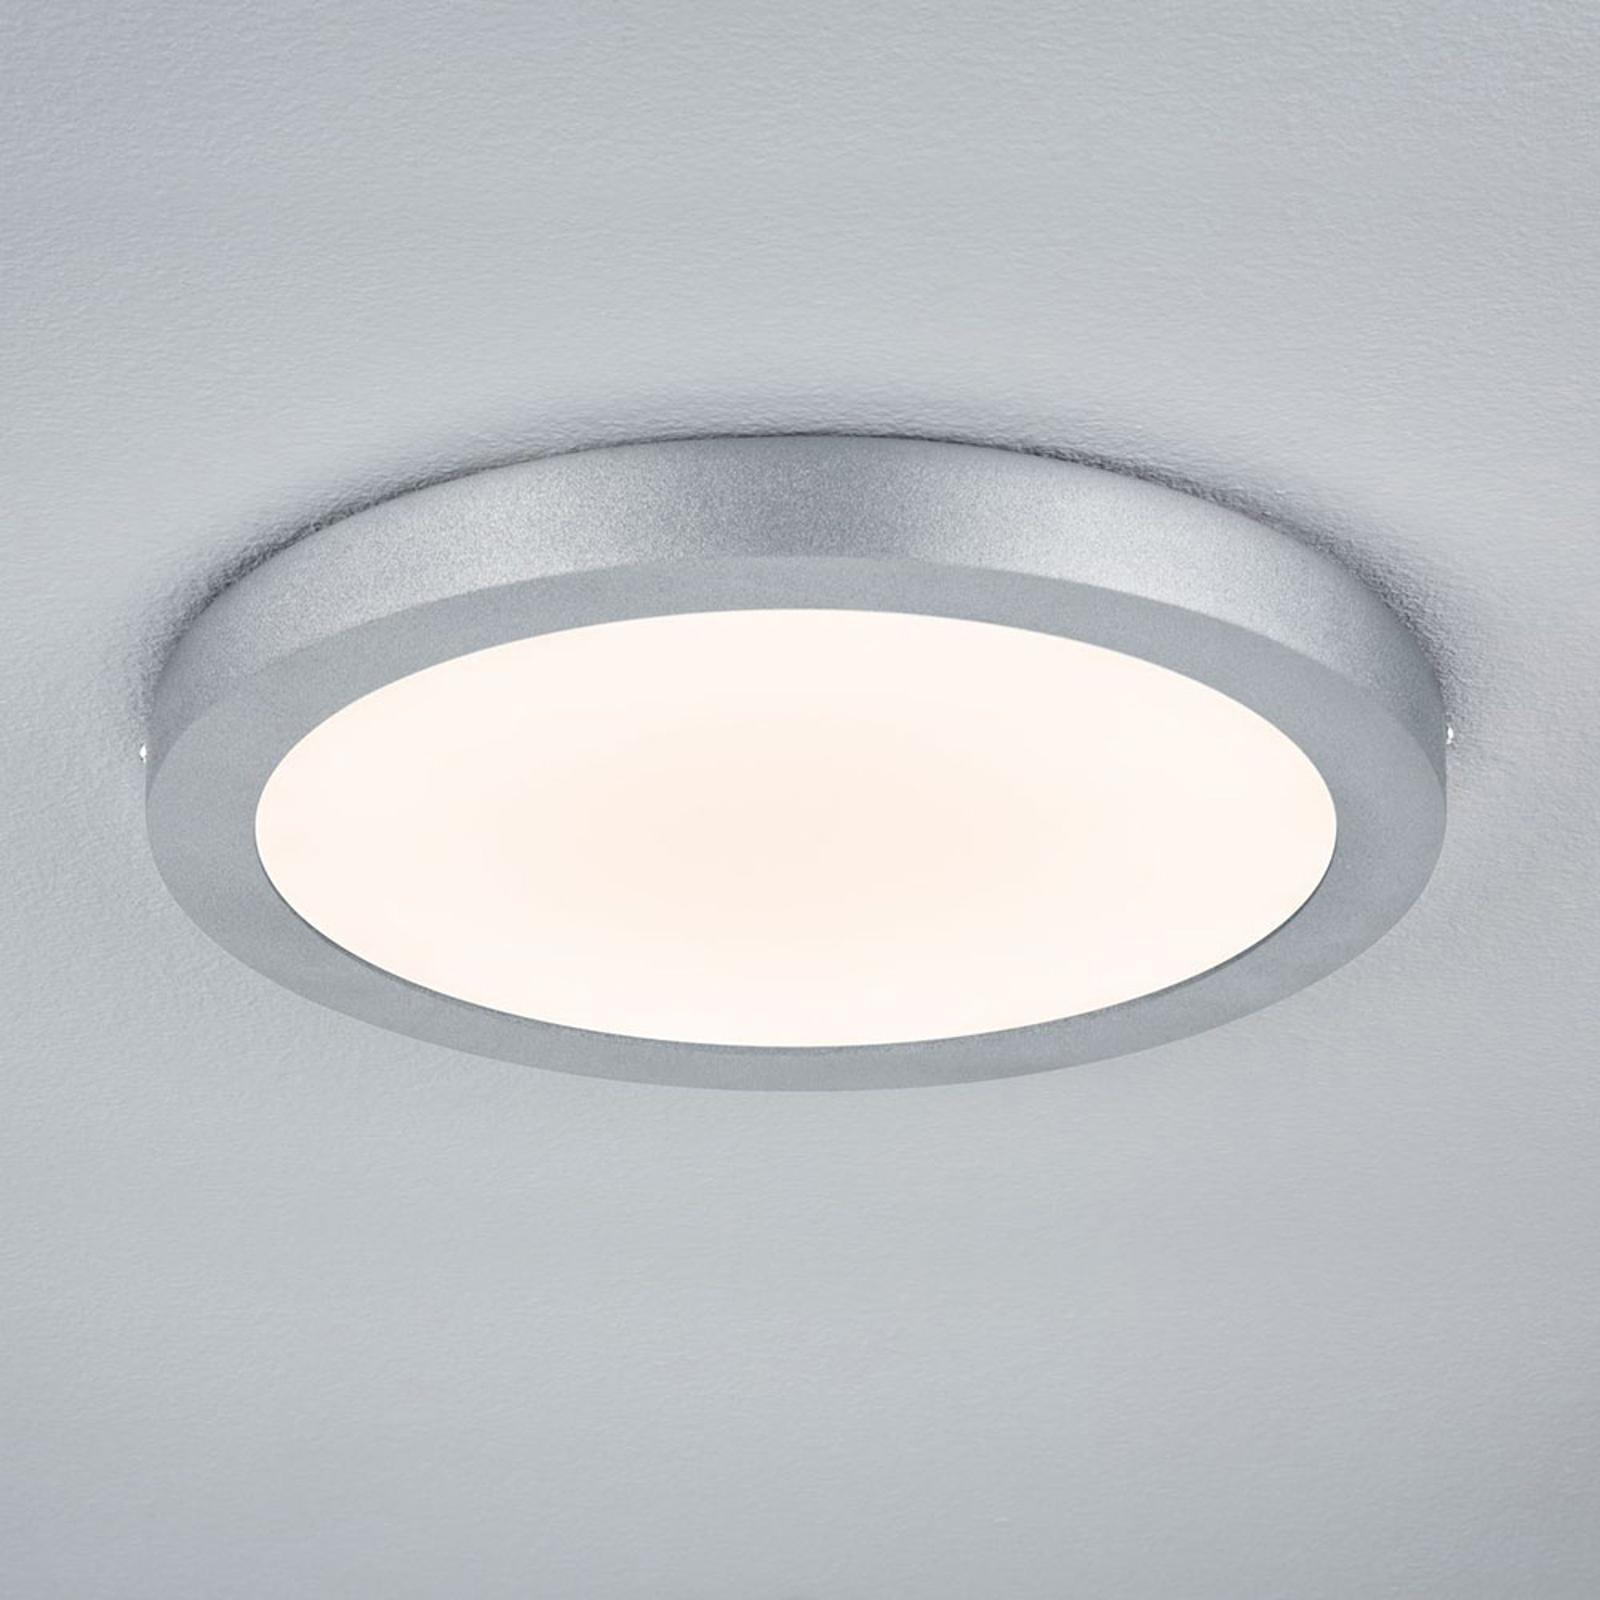 Paulmann Lunar LED-Panel, rund, Ø 30 cm, chrom